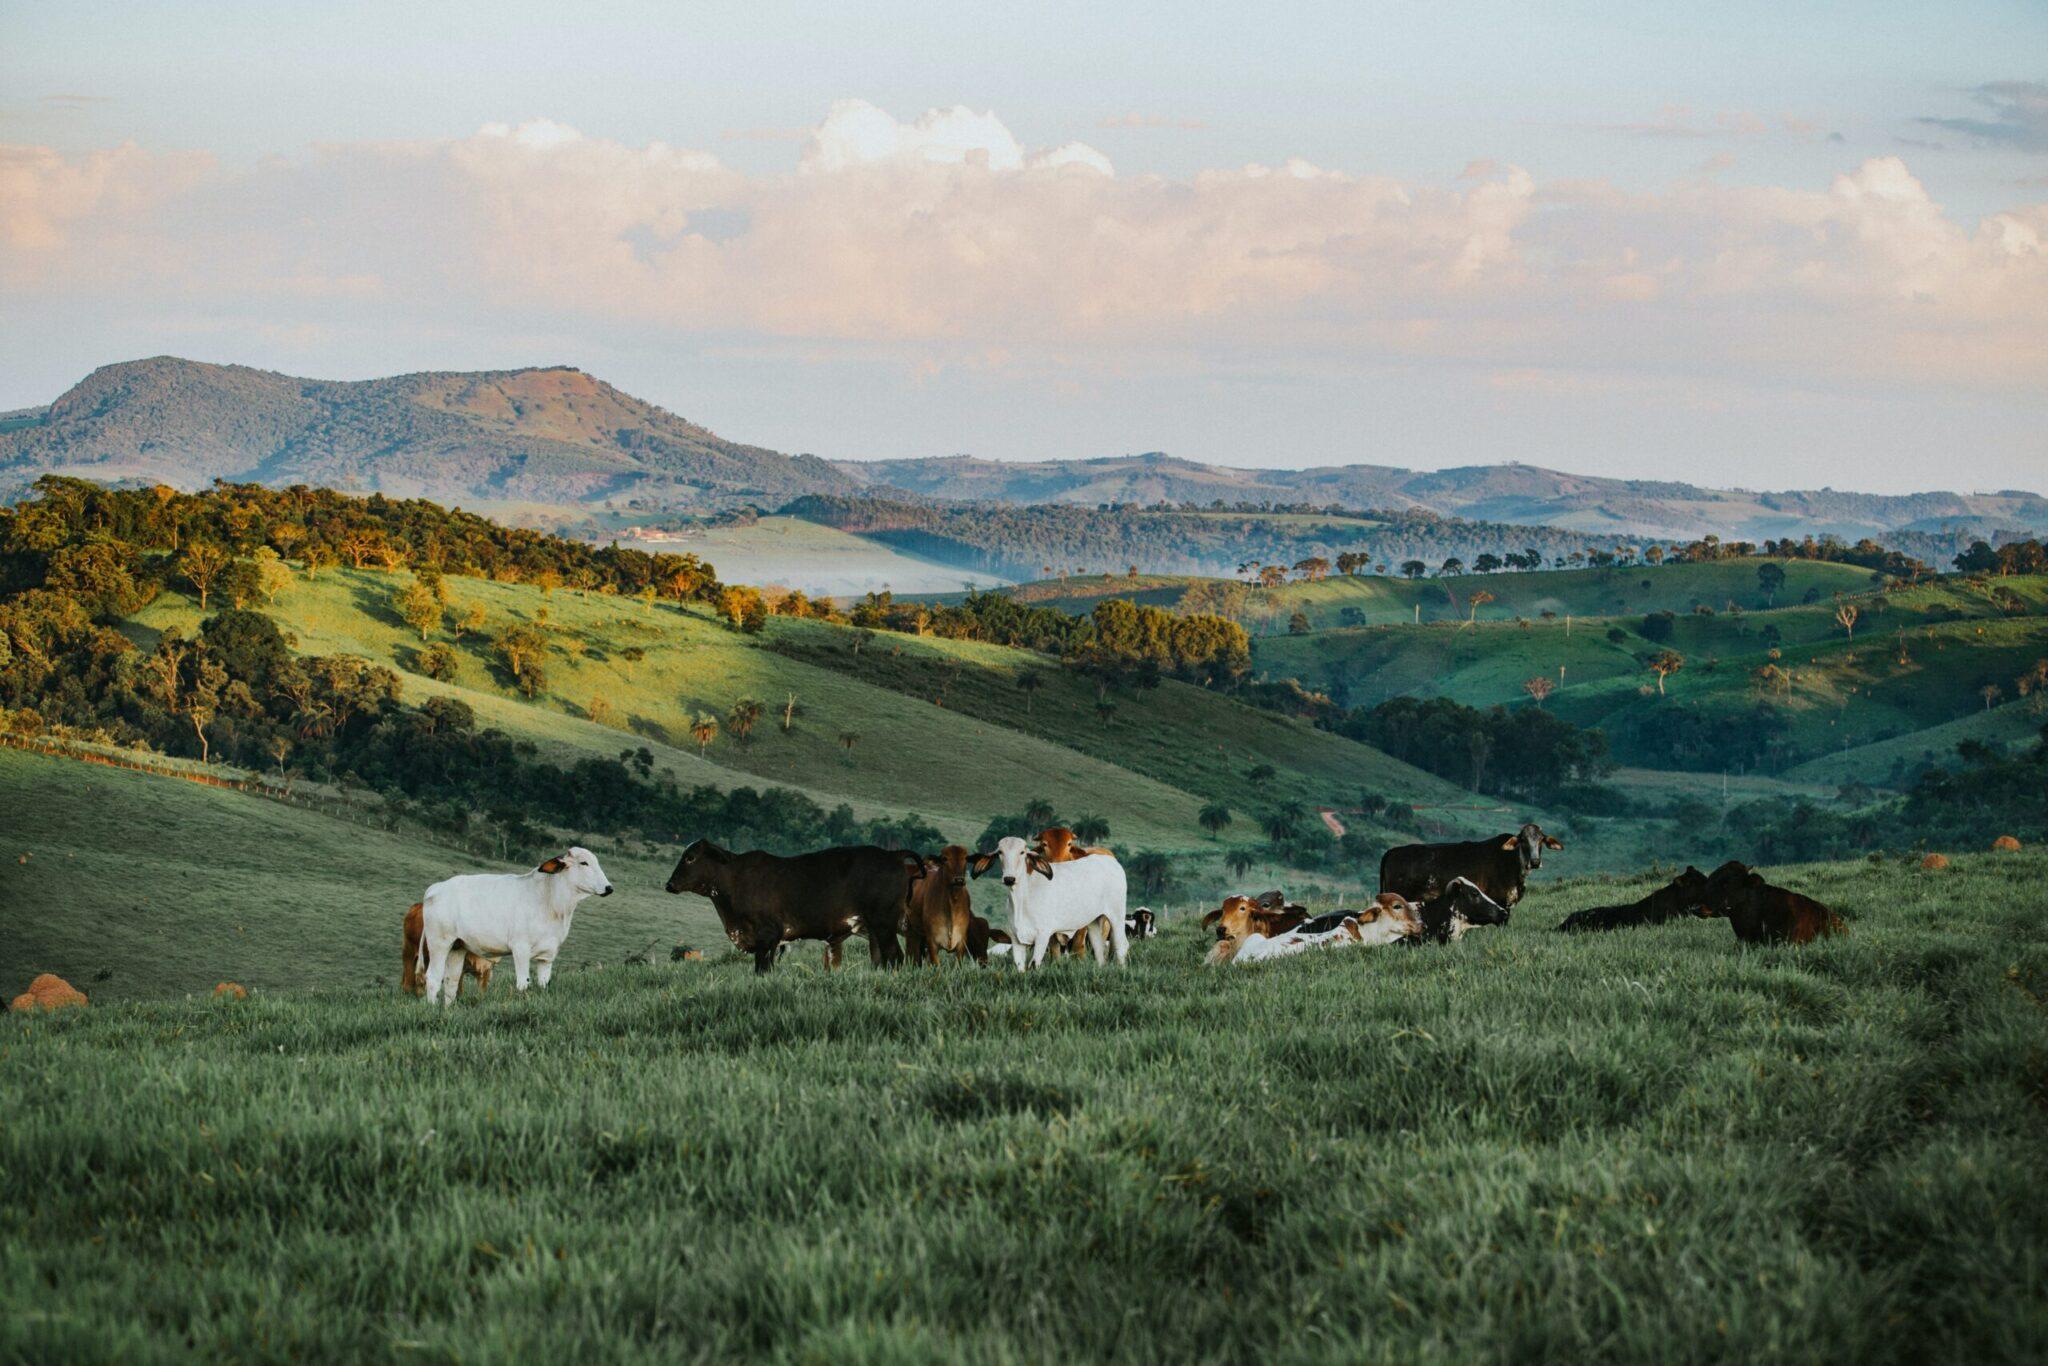 gado, negócio que emergiu das Relações Comerciais entre Rússia e Brasil